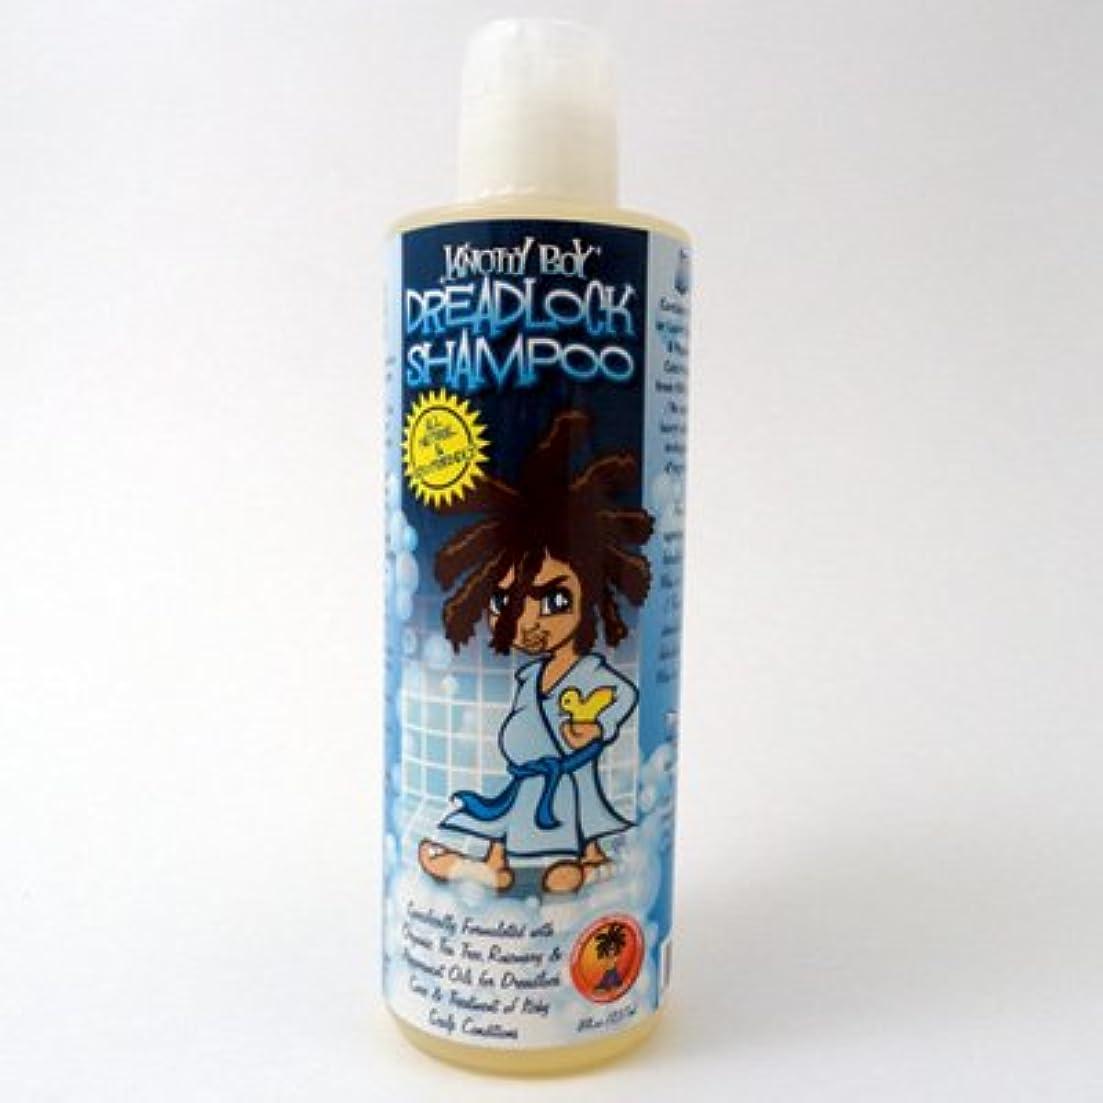 ウイルスブロック不測の事態ドレッドヘアを崩しにくく洗える! オールナチュラル素材配合 Knotty Boy ドレッドヘア用 シャンプー